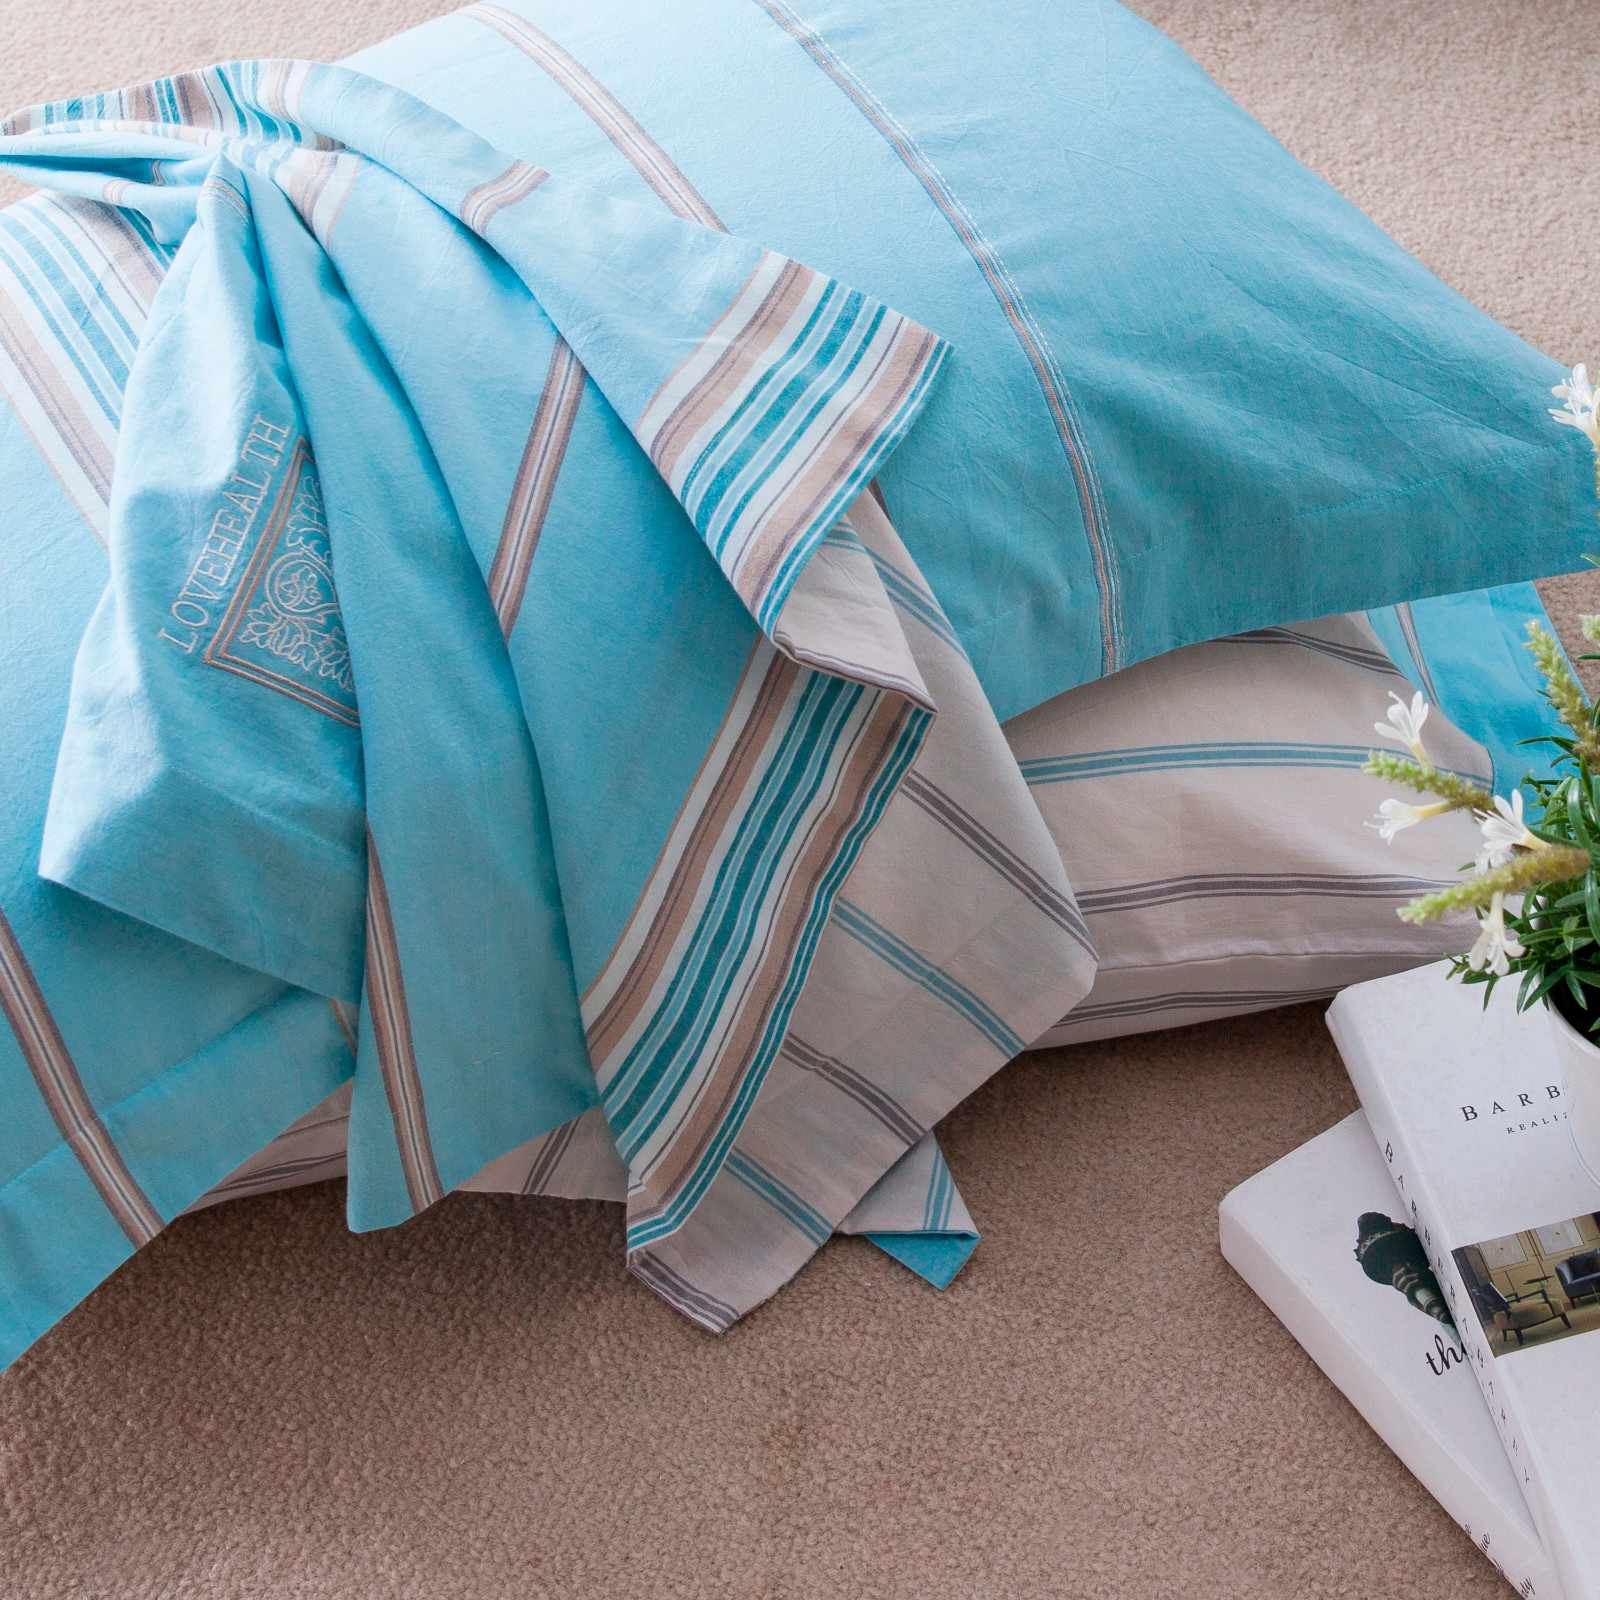 Daphne DAPHNE Cotton Elegant Print Bed Linen #6857 100% Cotton Printed image39